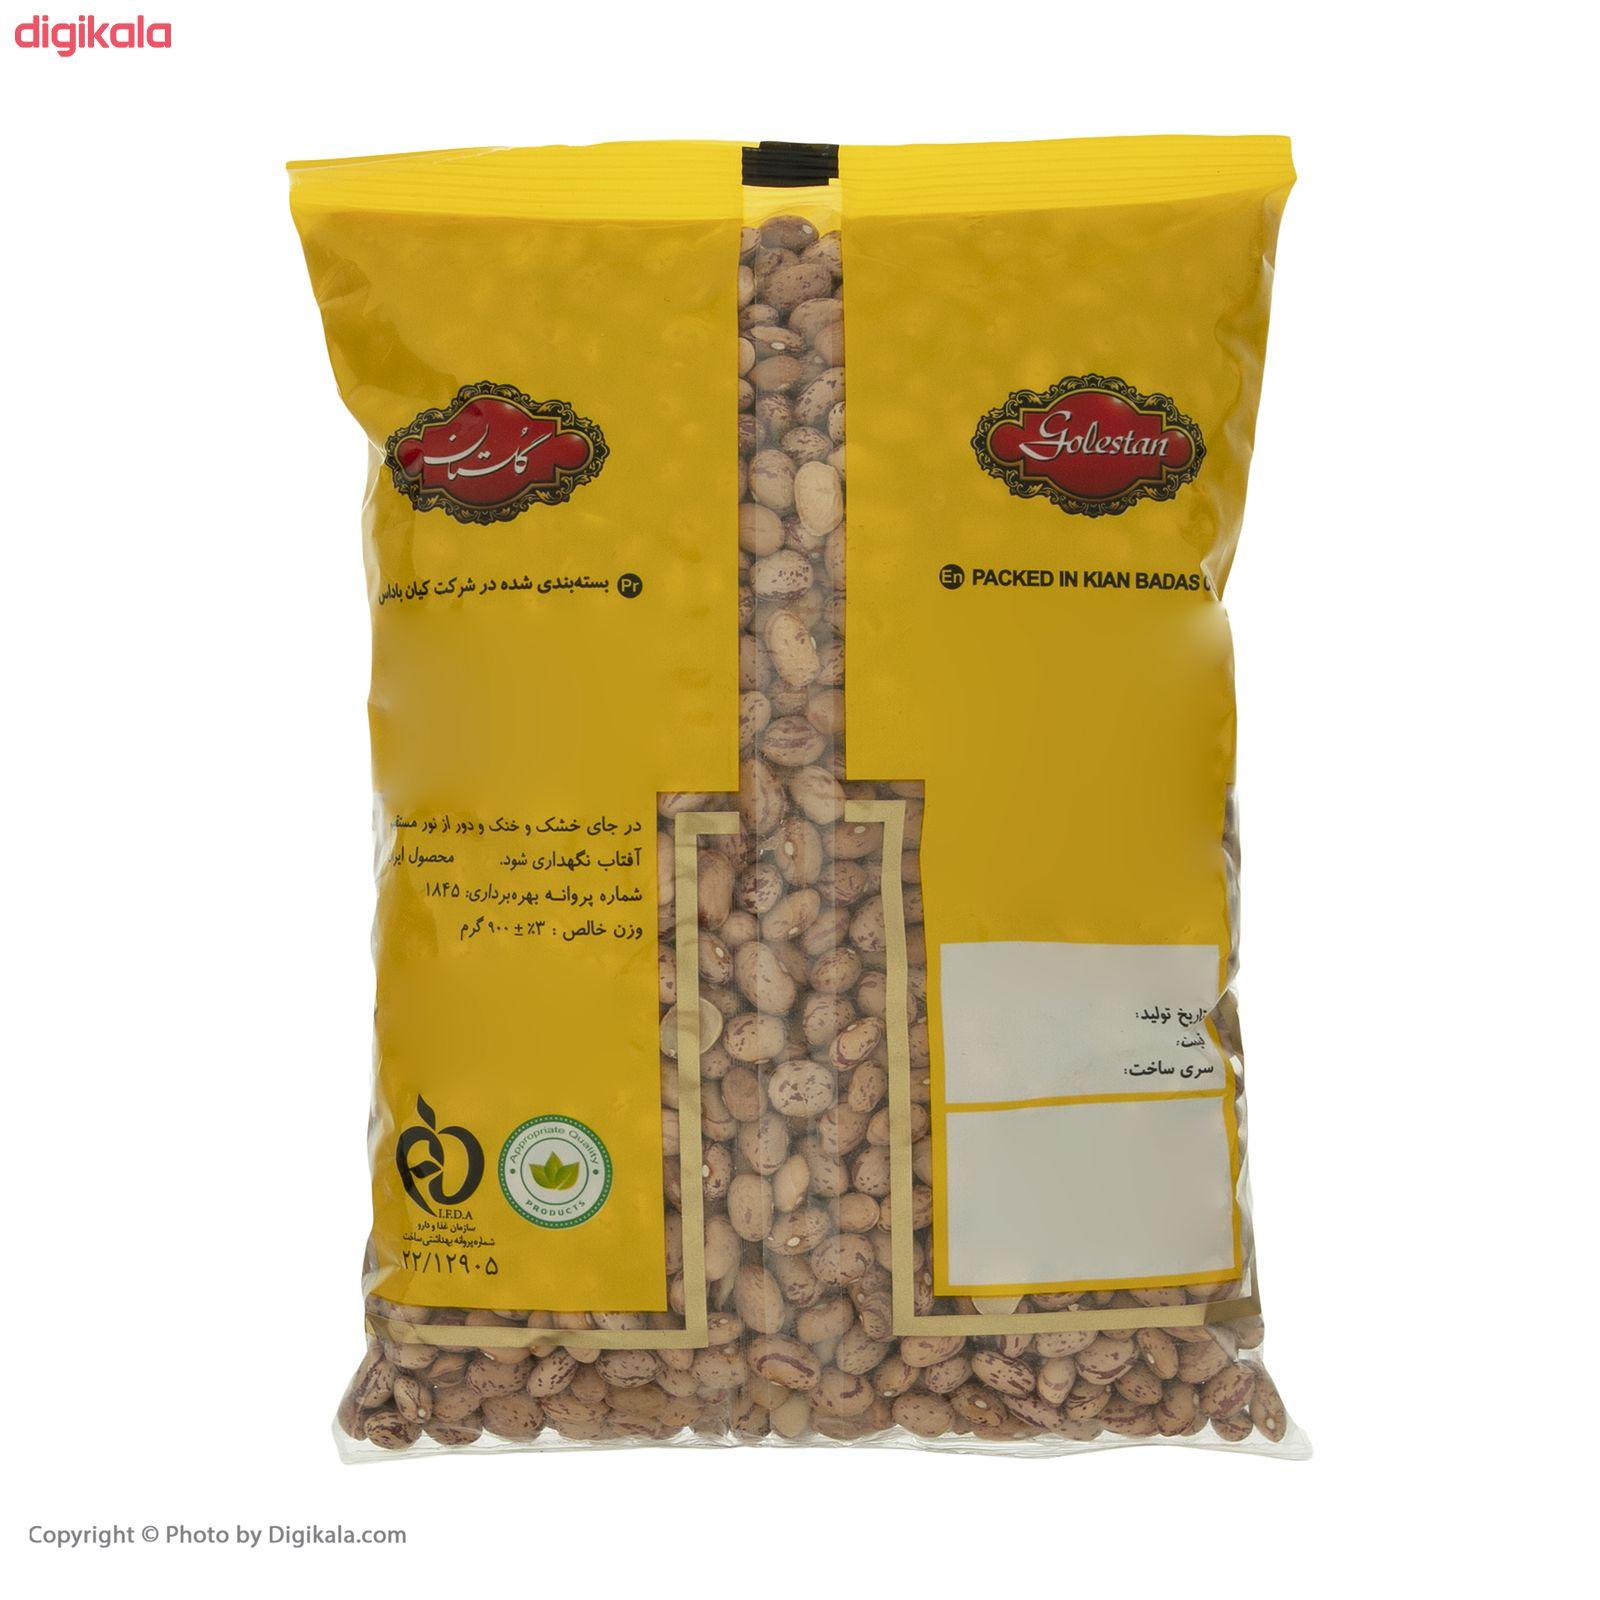 لوبیا چیتی گلستان - 900 گرم  main 1 2